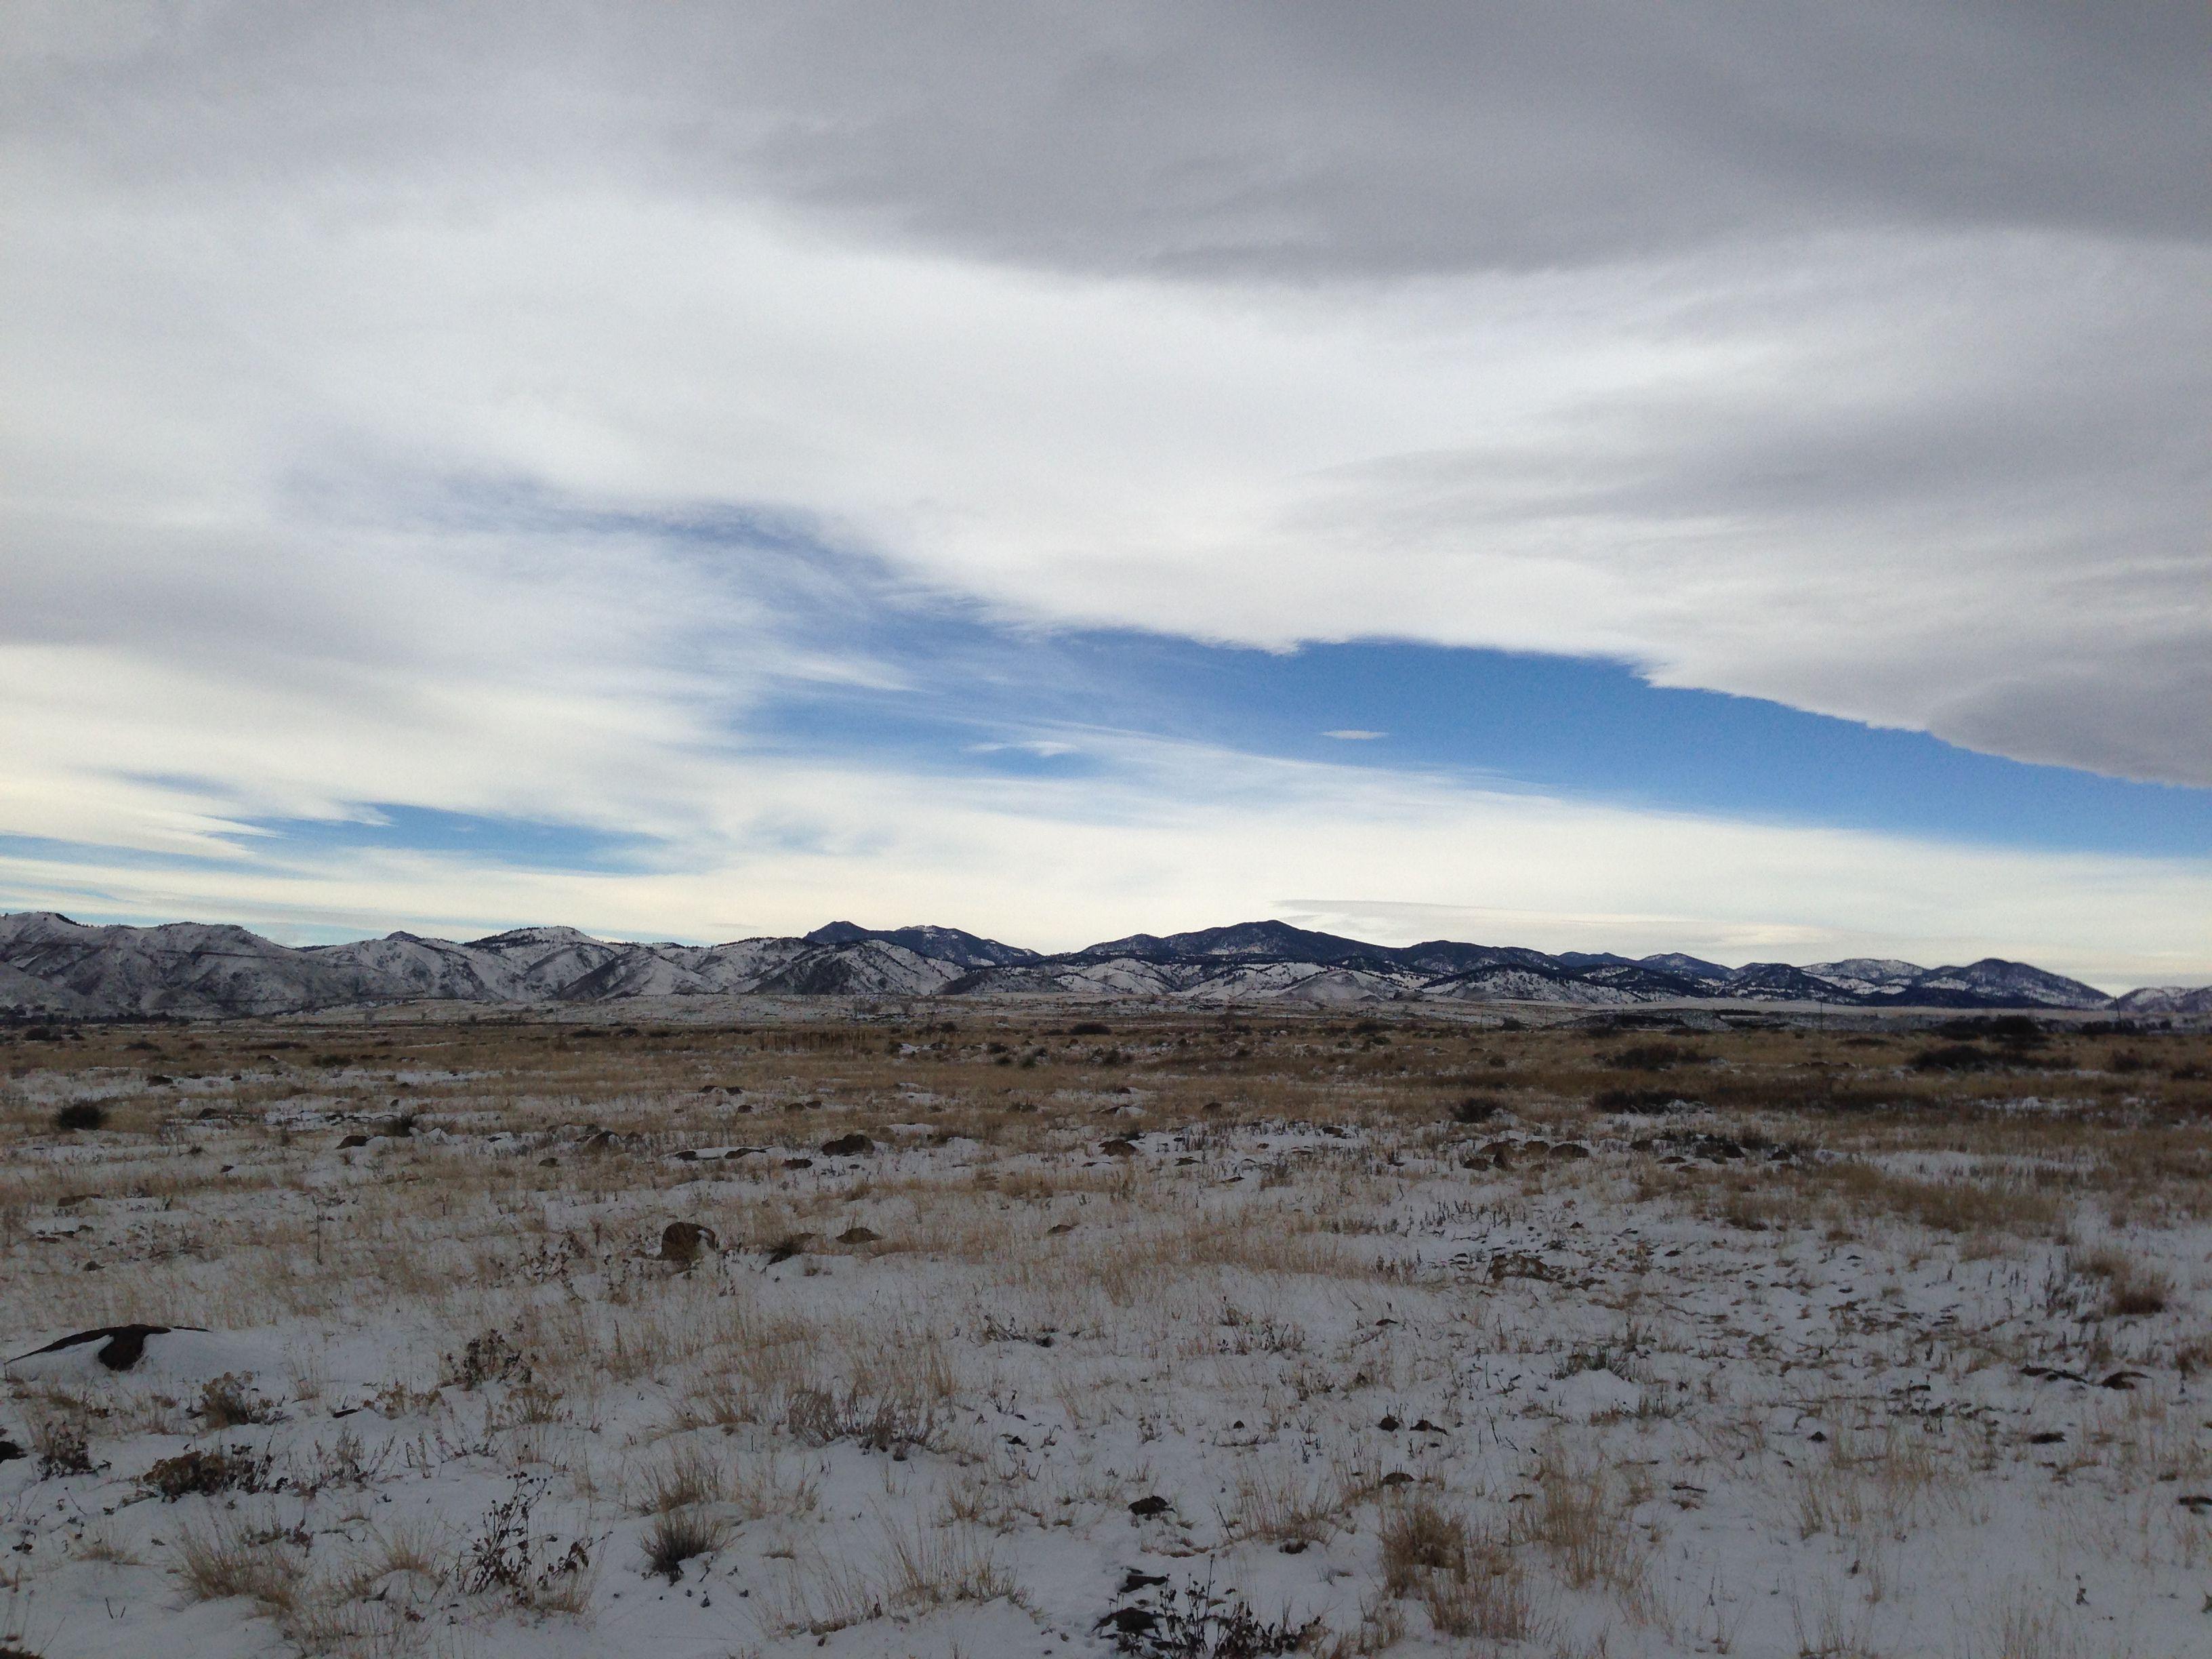 """El """"Front Range"""" nevado. Es decir, la vista desde nuestra ventana hoy."""